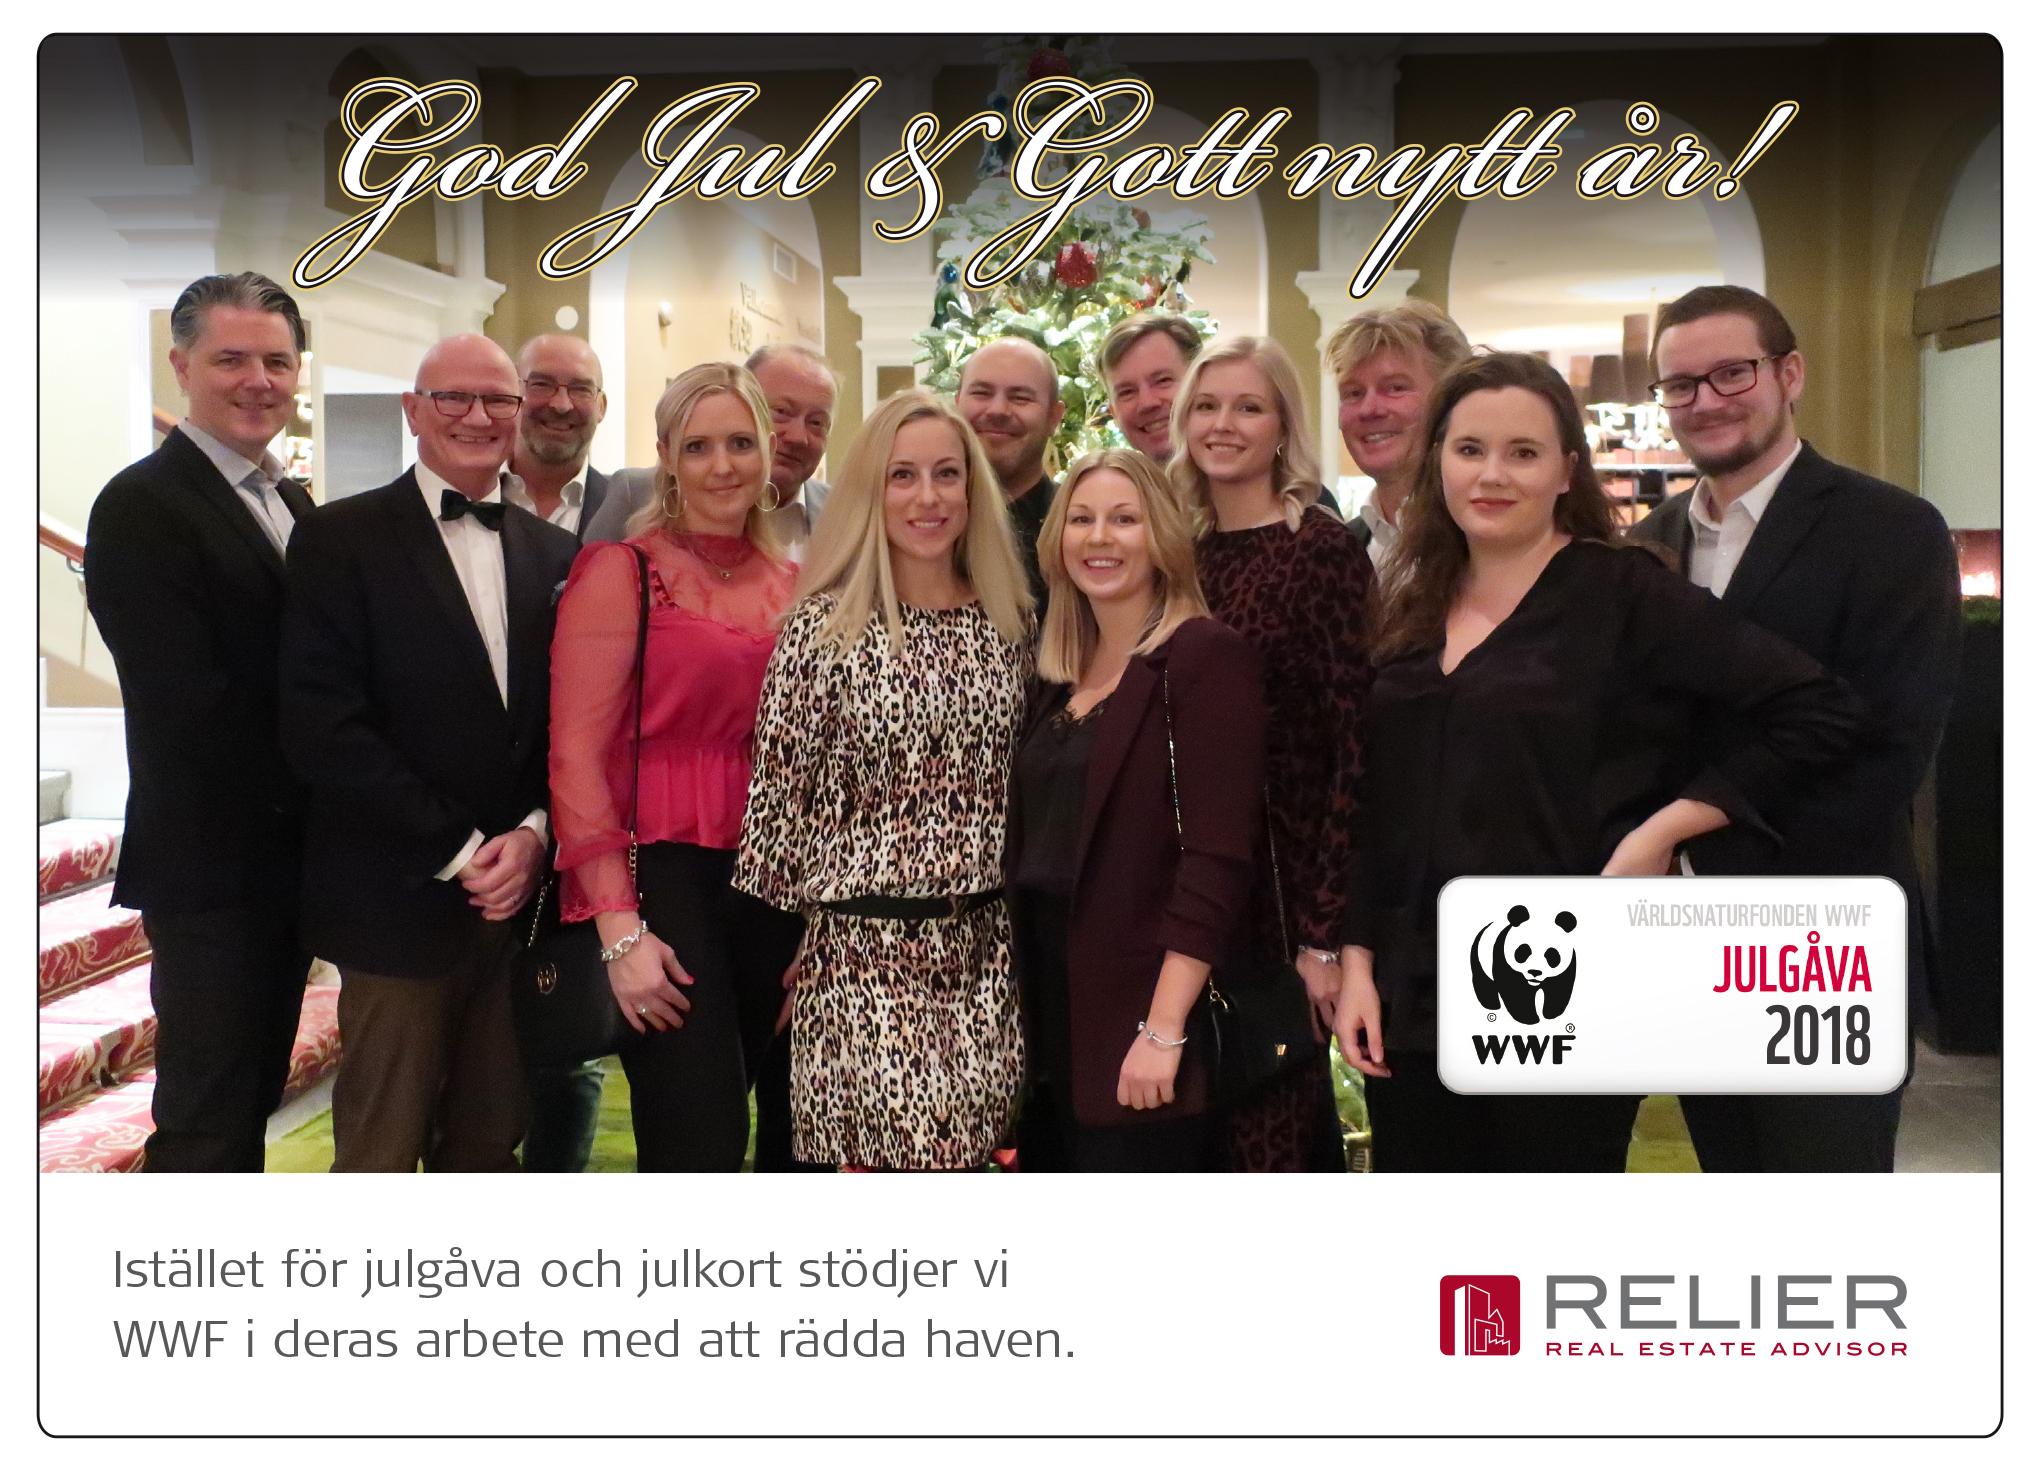 God jul från oss på Relier